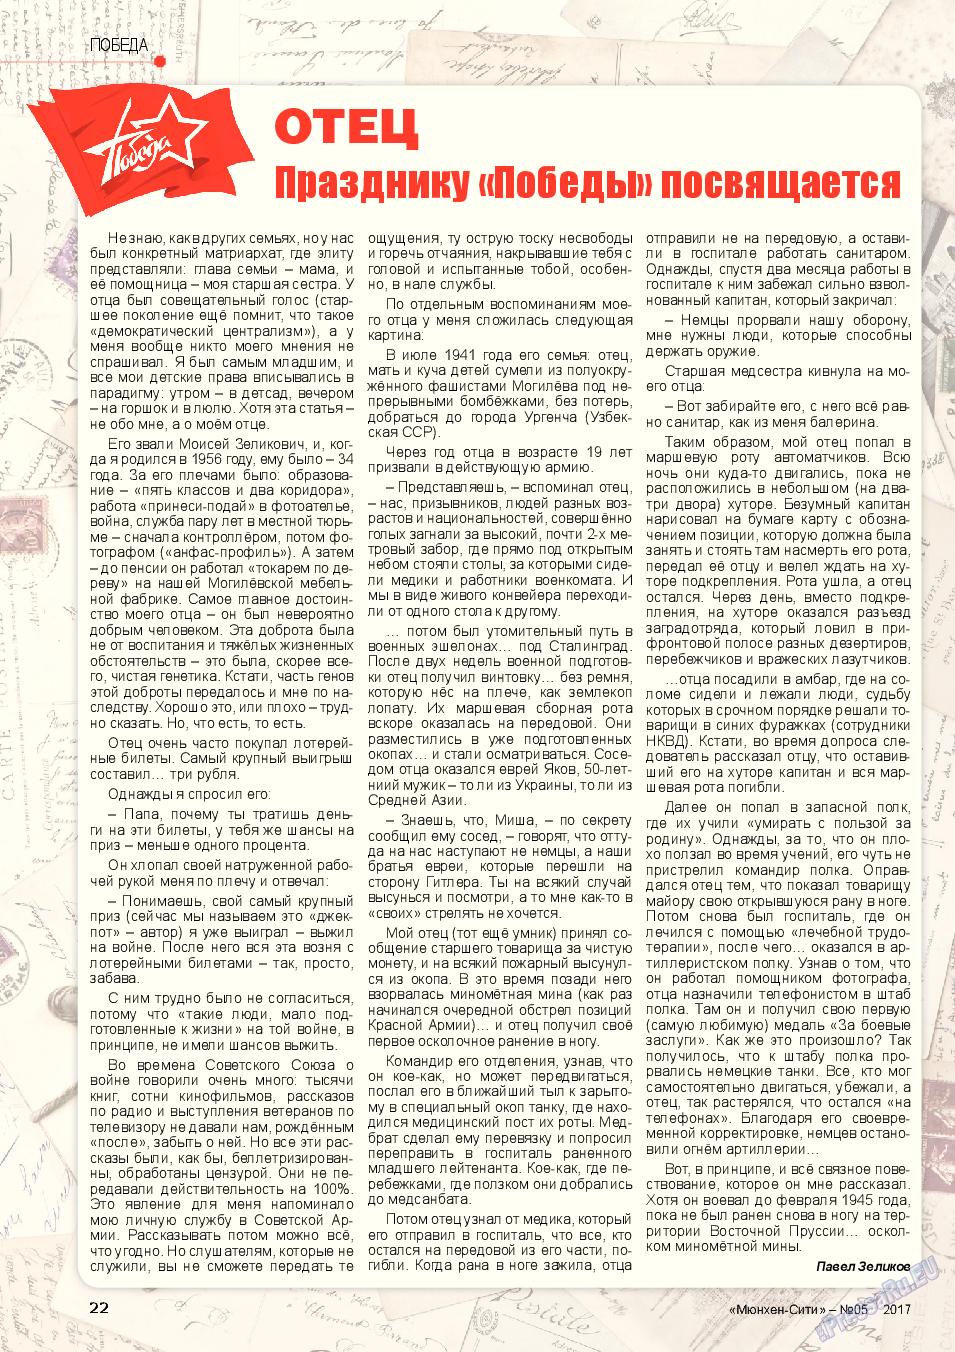 Мюнхен-сити (журнал). 2017 год, номер 5, стр. 22